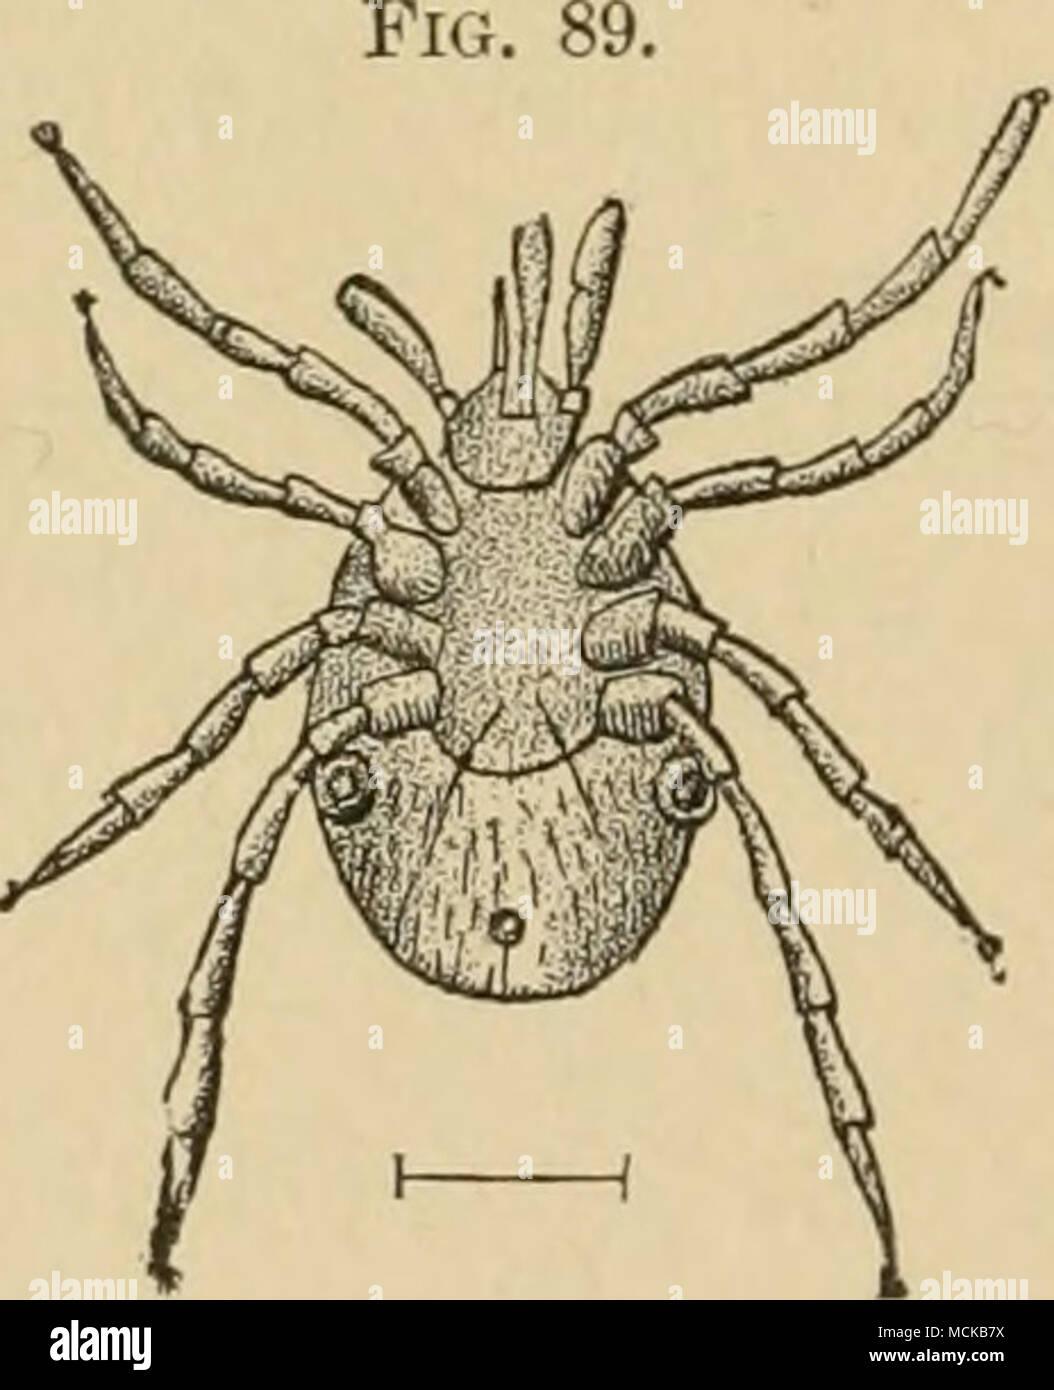 . Ixodes ricinus. L'ac- companying line est la na- ture taille du parasite. (KUCHENMEISTEE-ZURN.) Ce parasite, qui est d'environ 2 mm de longueur, et parfois quand plein cultivé presque 3 mm., ressemble beaucoup à un acari (Fig. 89). Il pénètre dans la peau Photo Stock